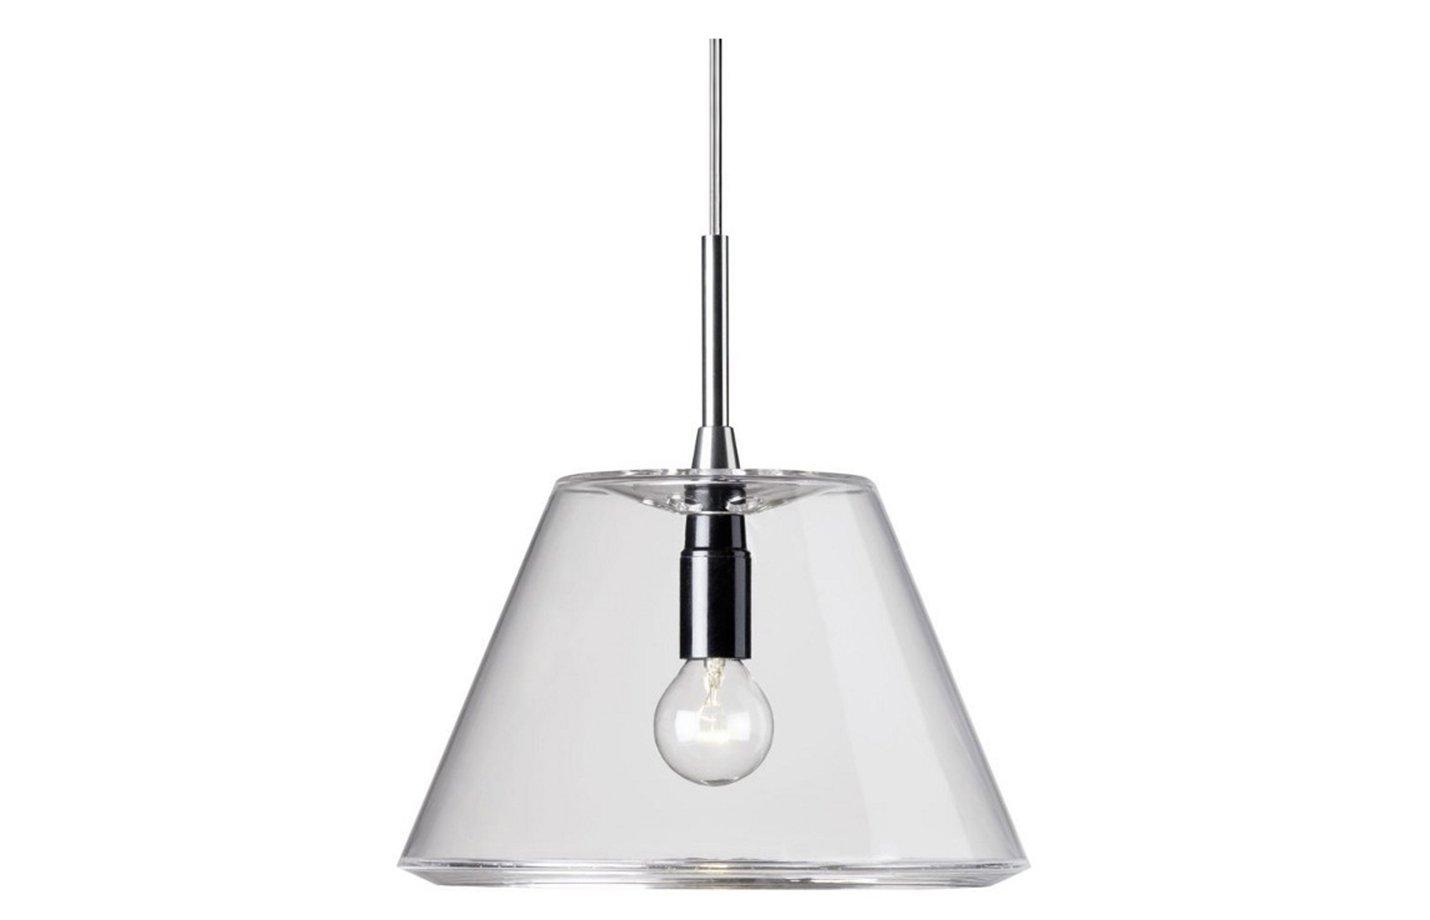 Undercover pendant glass – medium